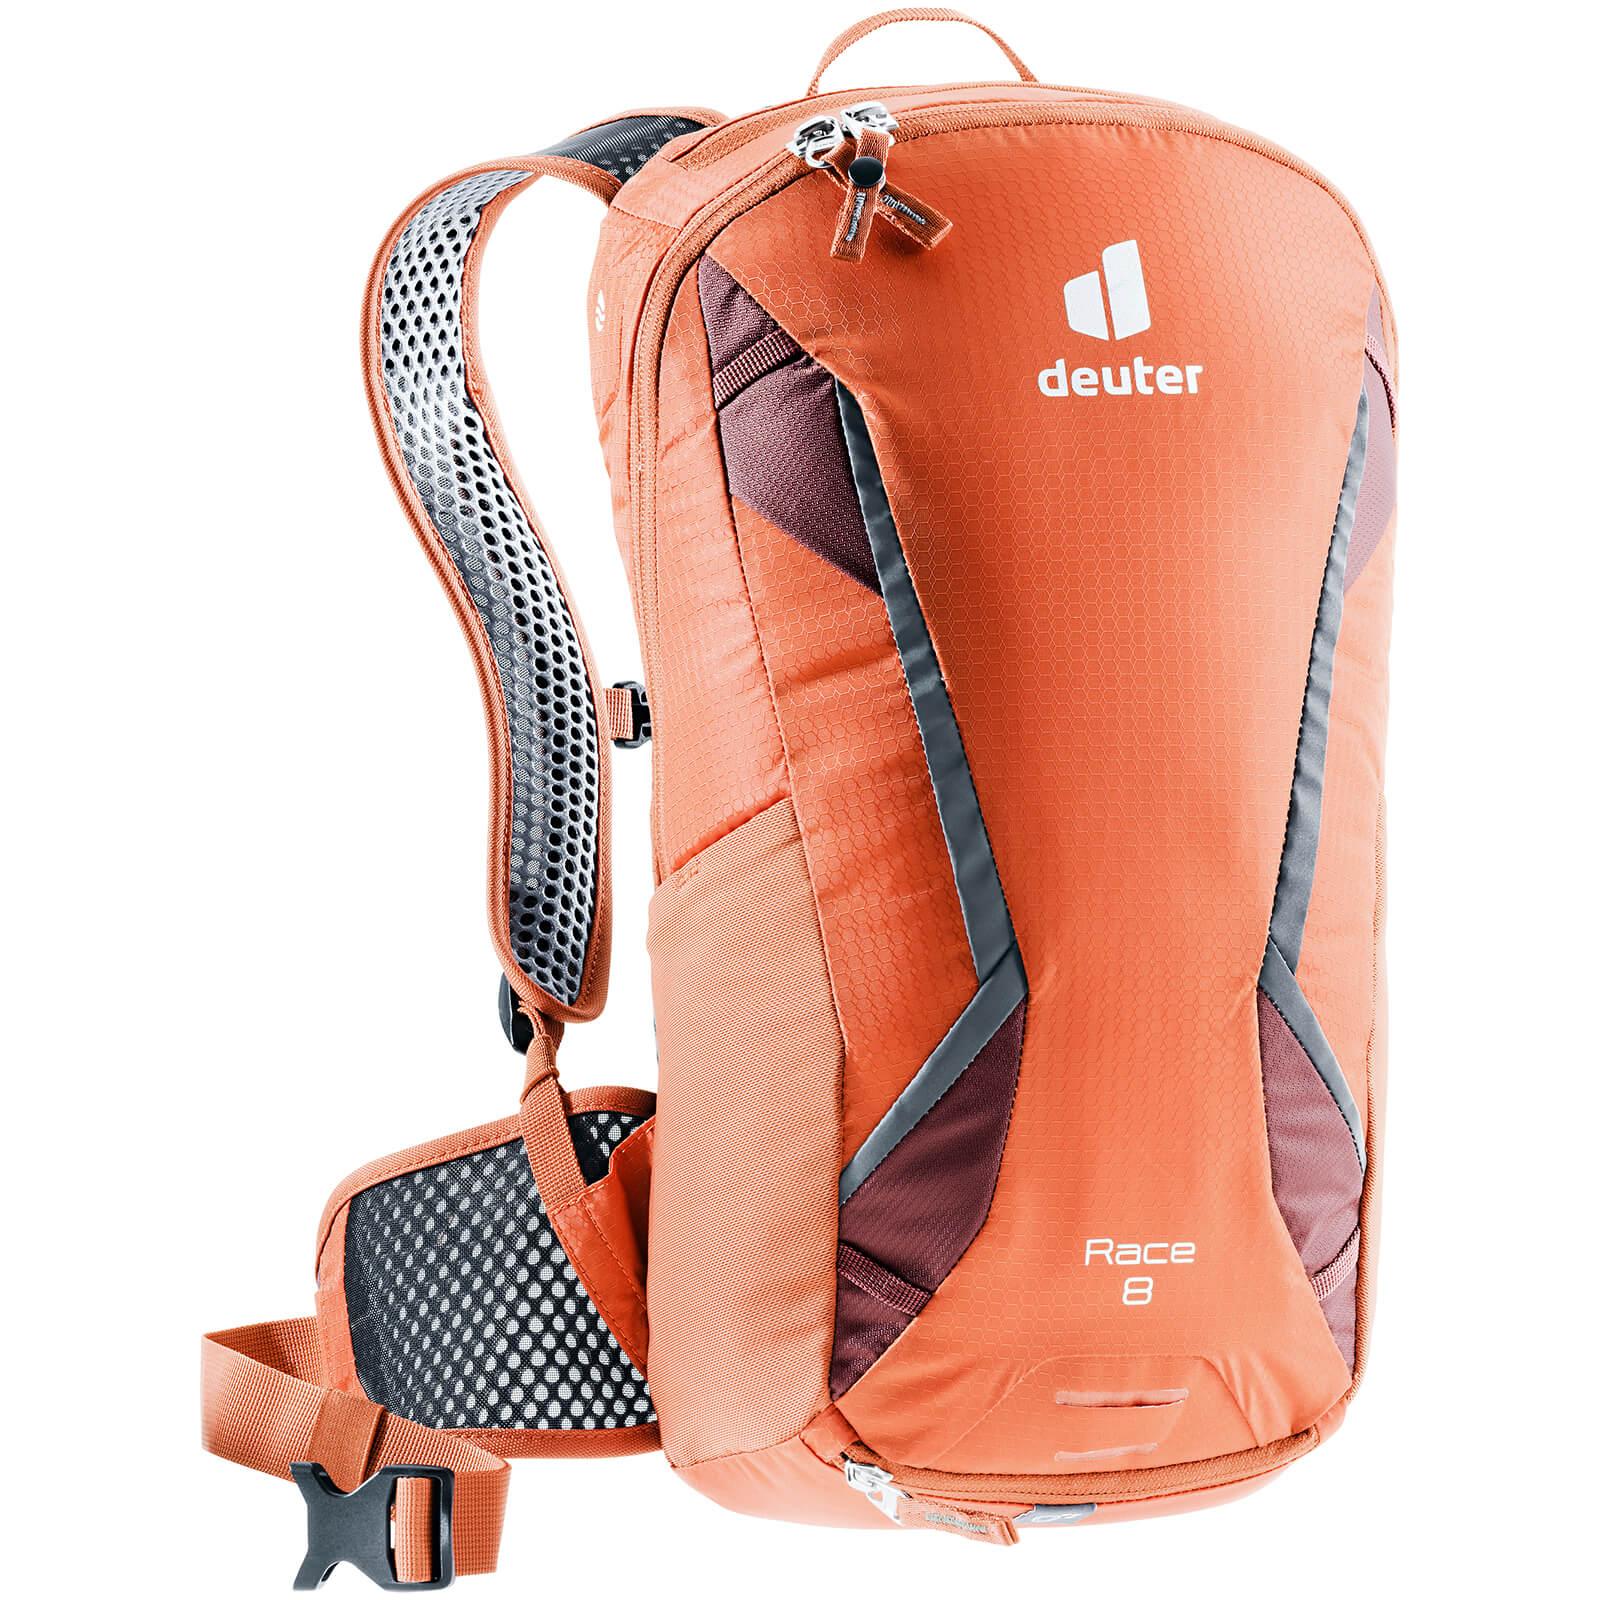 deuter Race Backpack - Paprika-Redwood